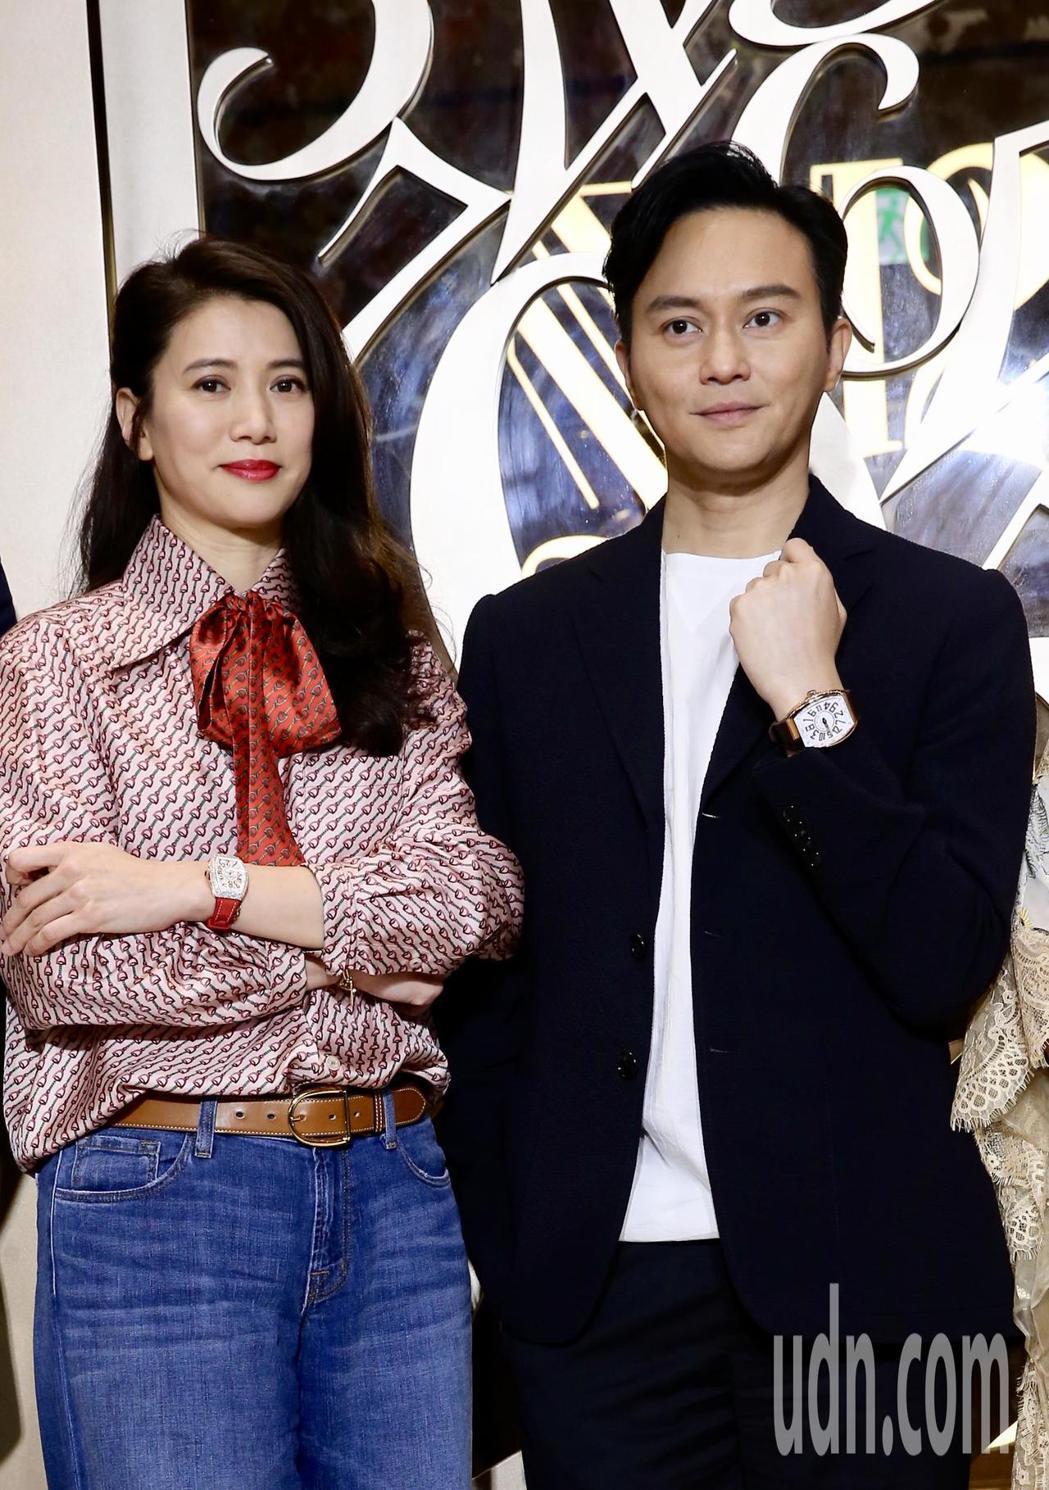 張智霖與太太袁詠儀出席手錶專賣店開幕活動。記者徐兆玄/攝影